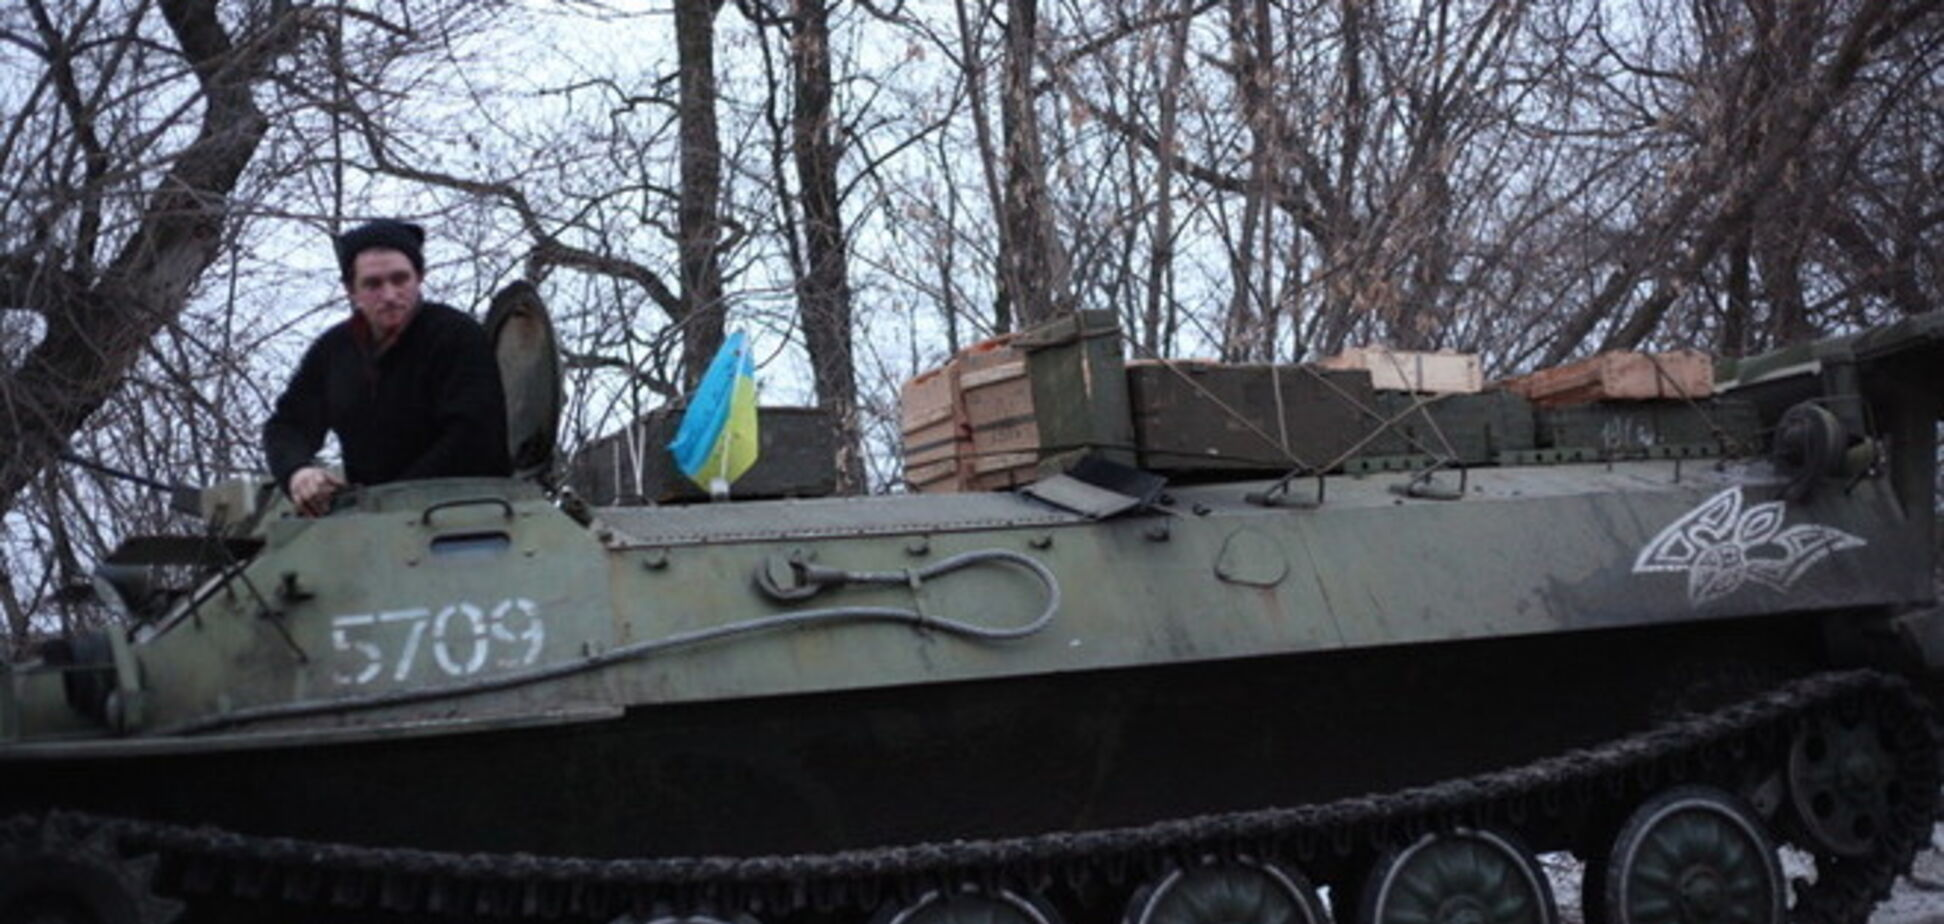 'Киборги' получили подкрепление и боеприпасы: бои продолжаются